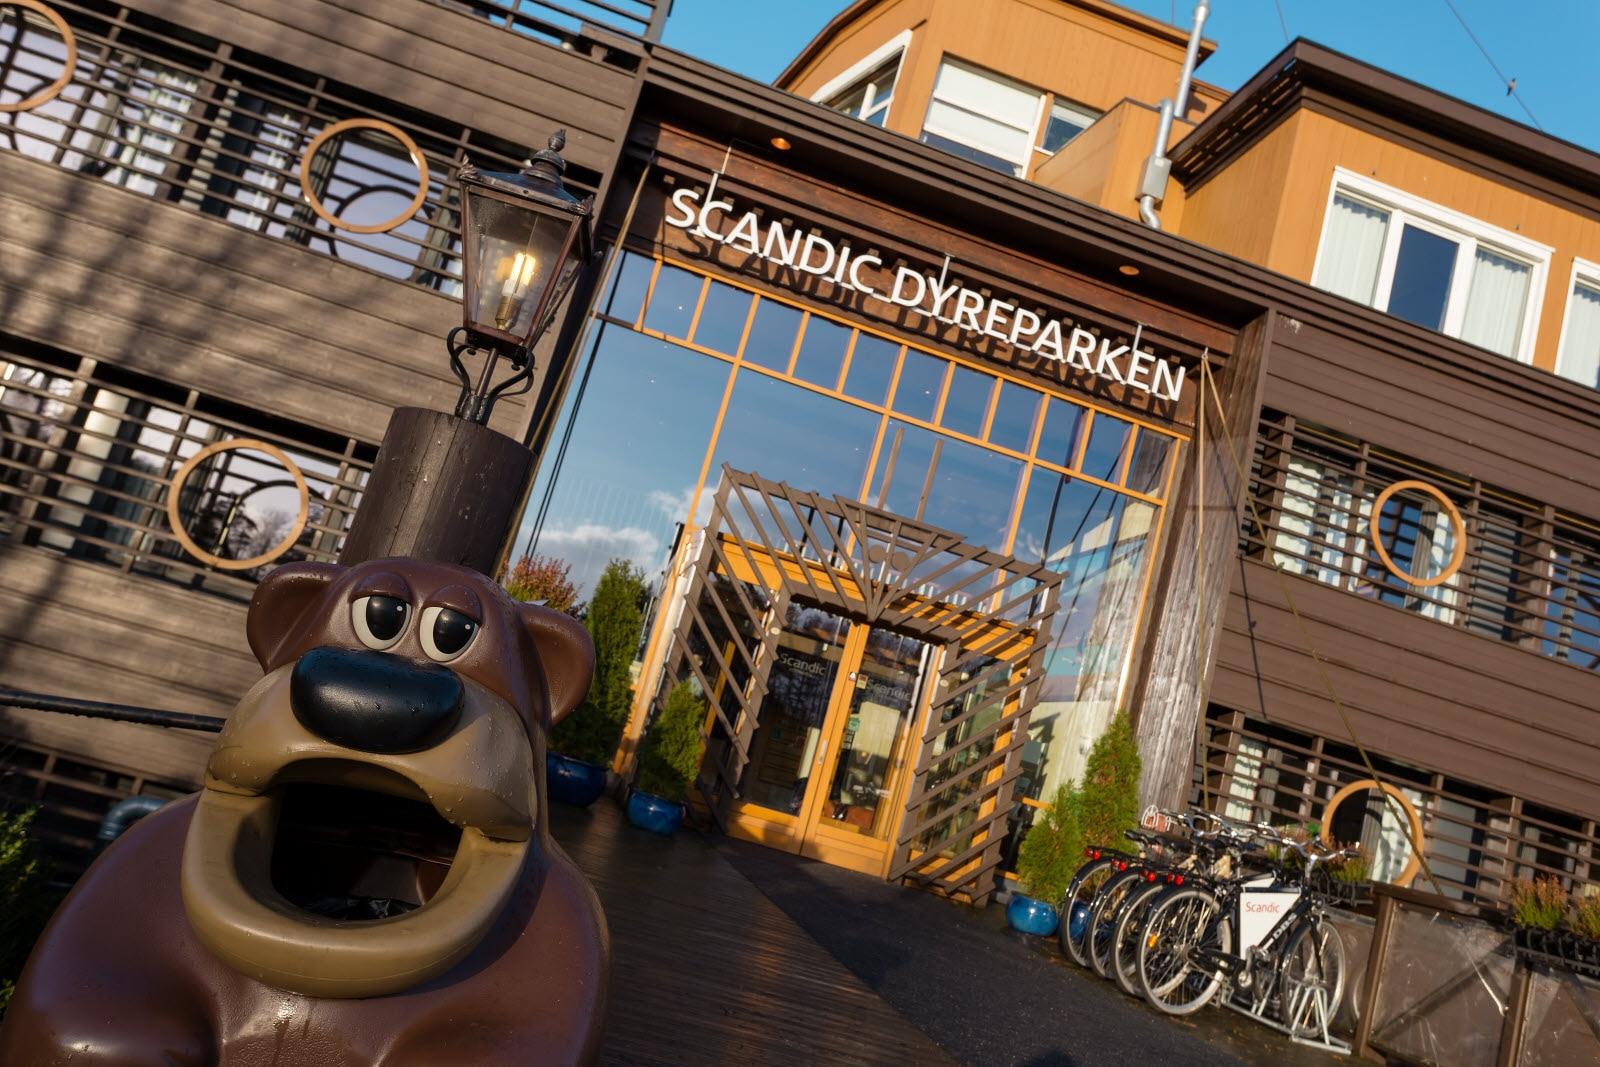 Scandic dyreparken